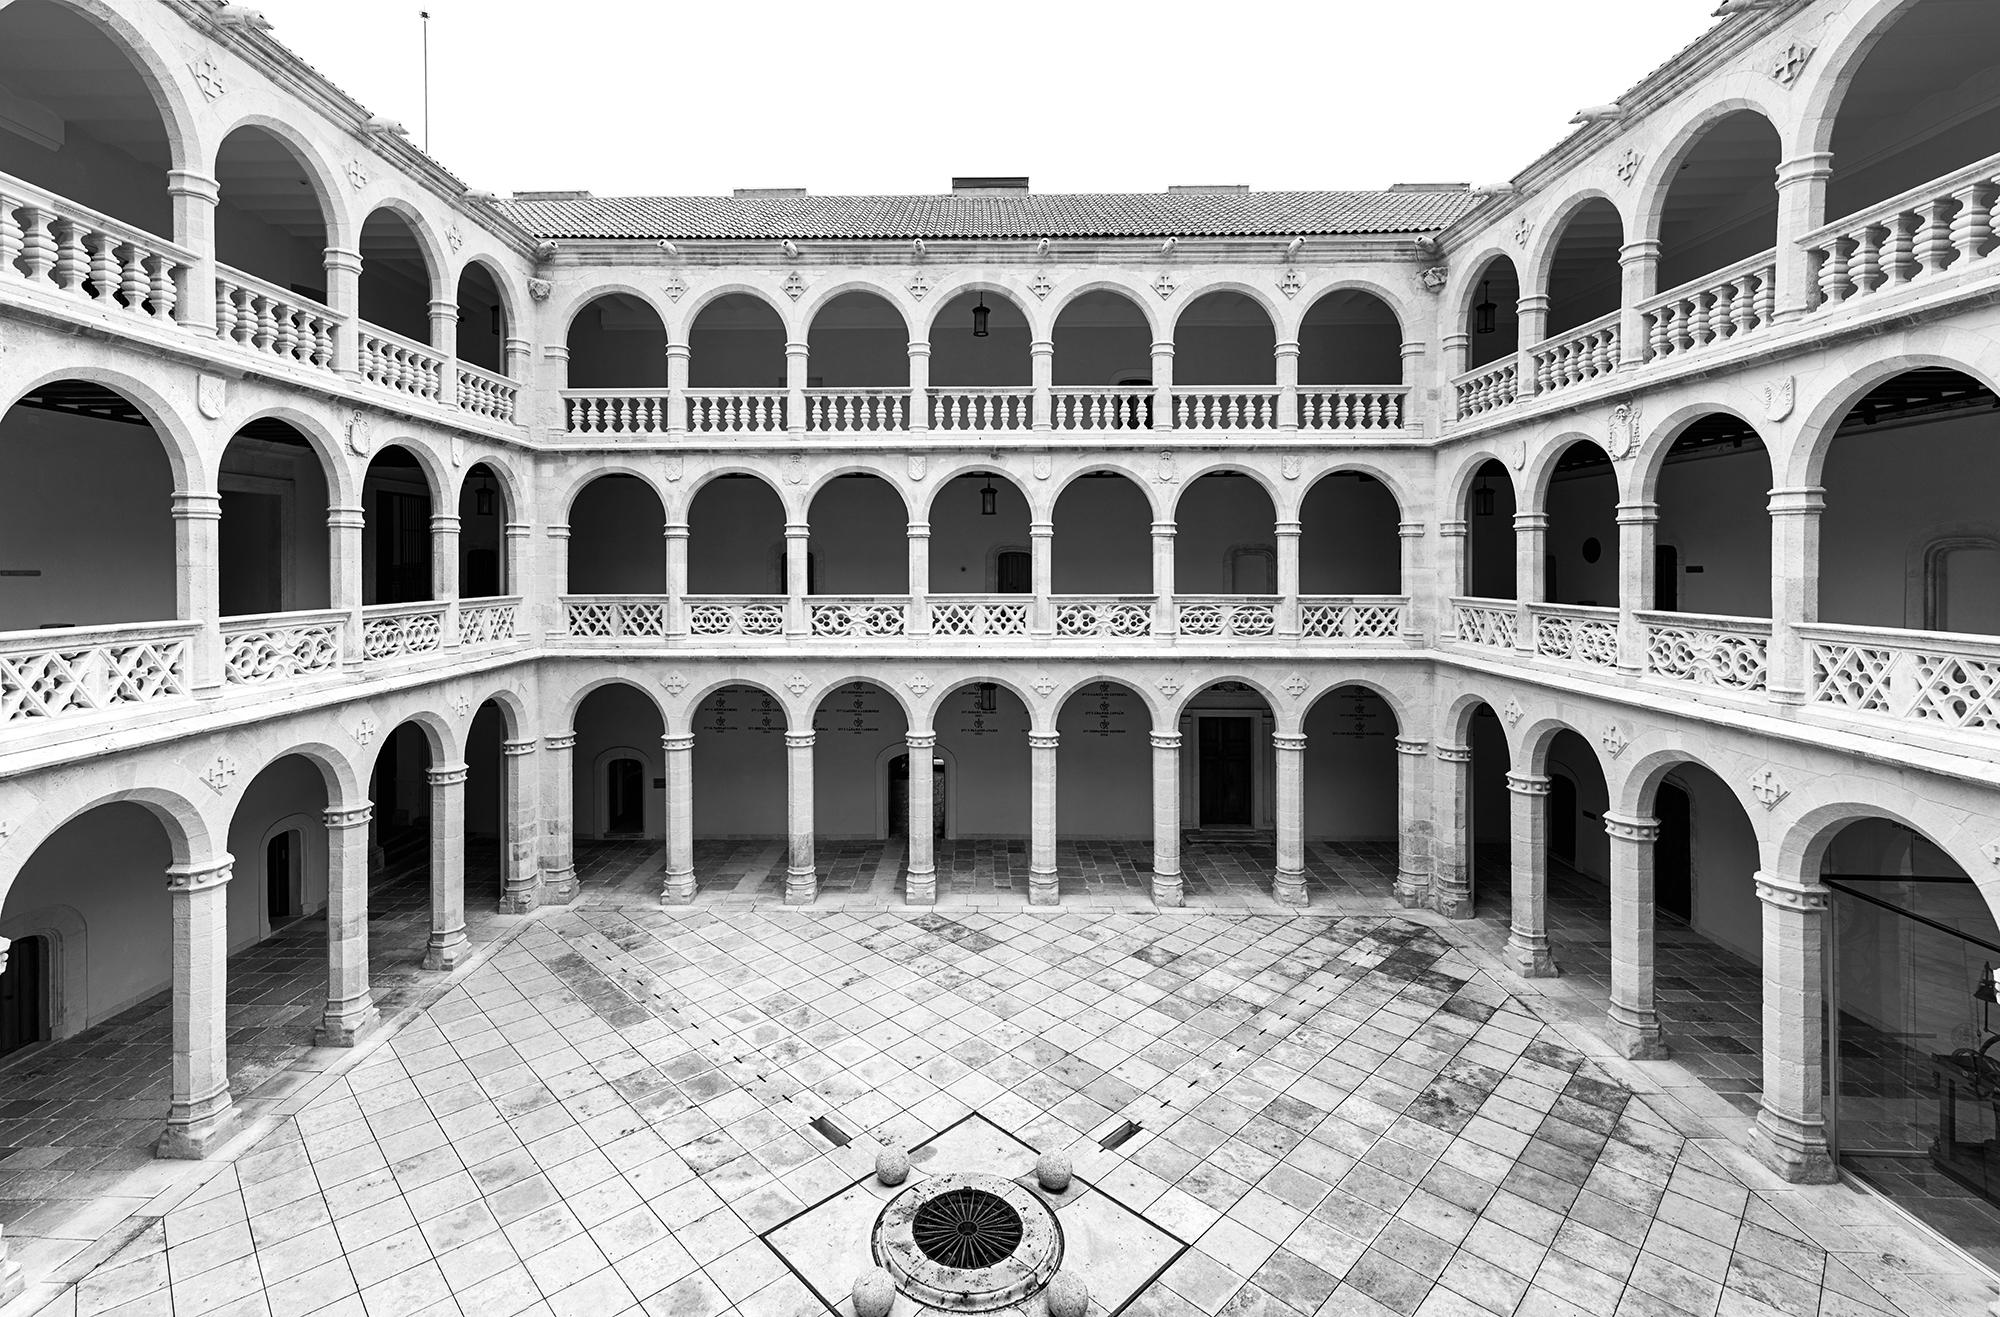 Palacio de Santa Cruz of the University of Valladolid